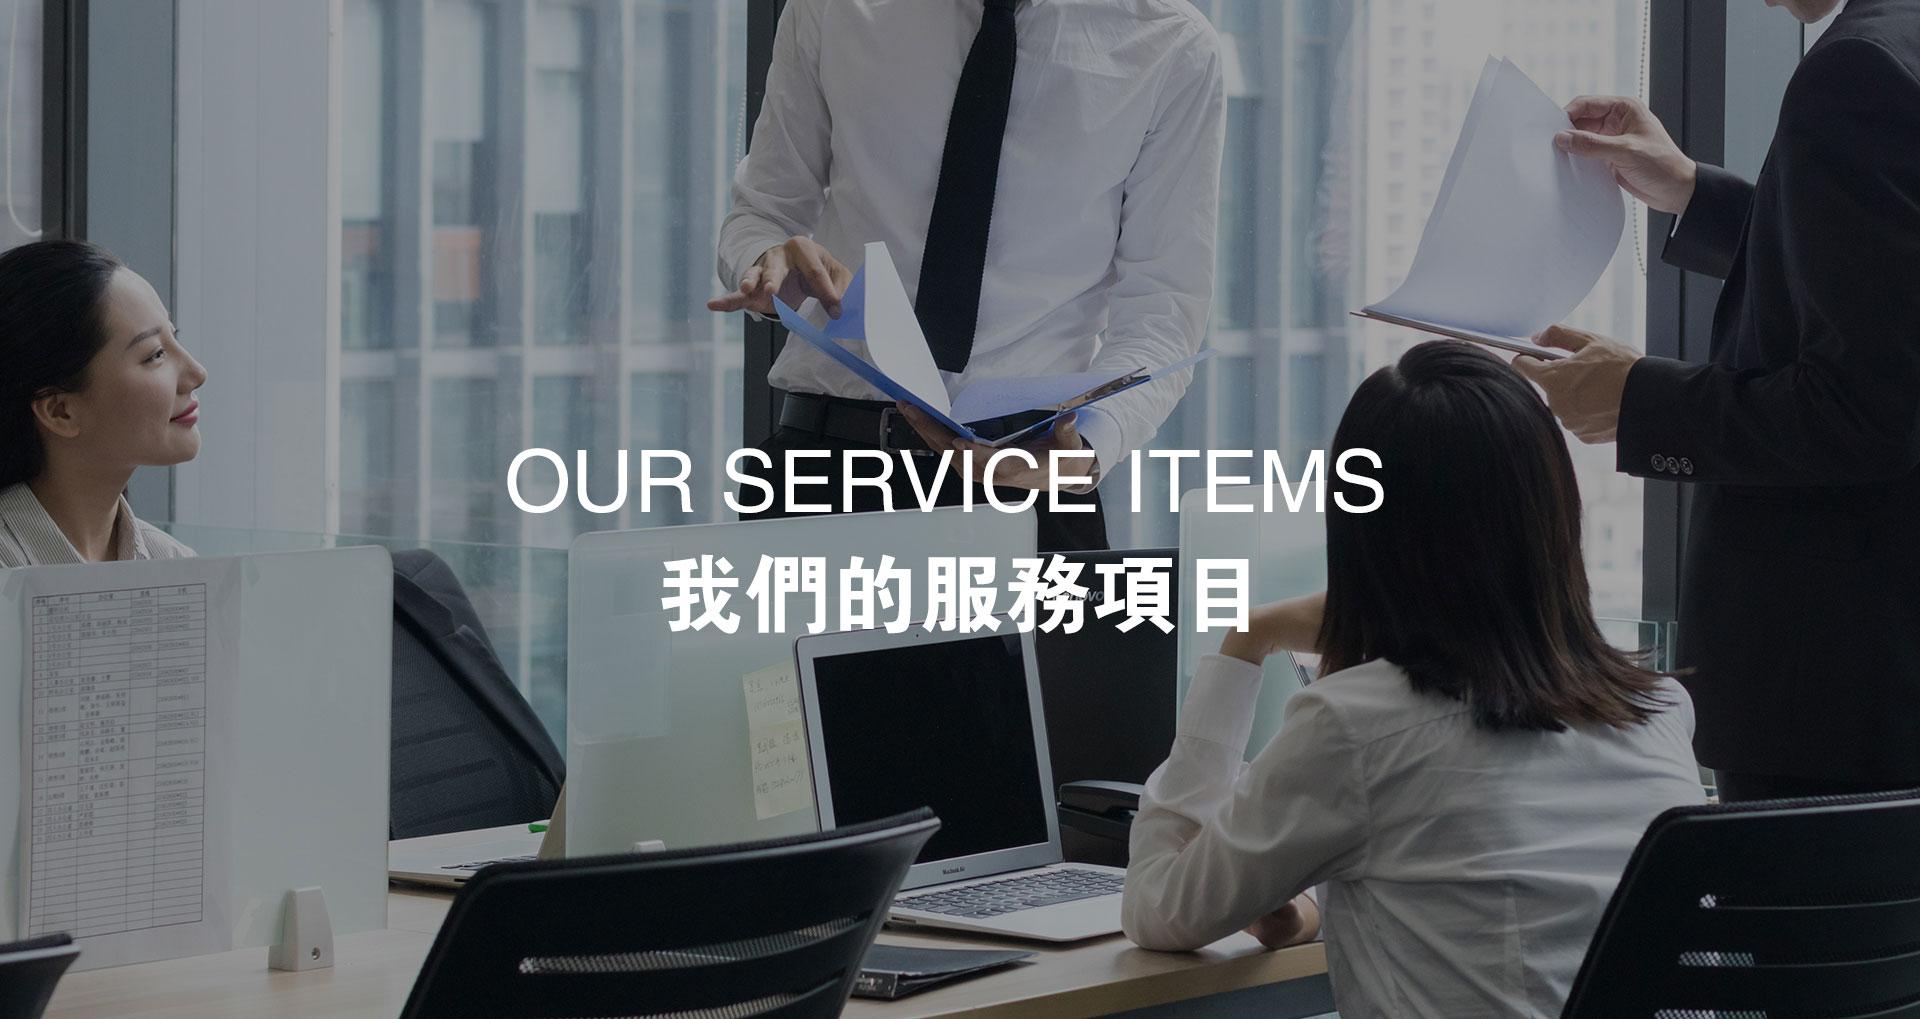 新版我们的服务01